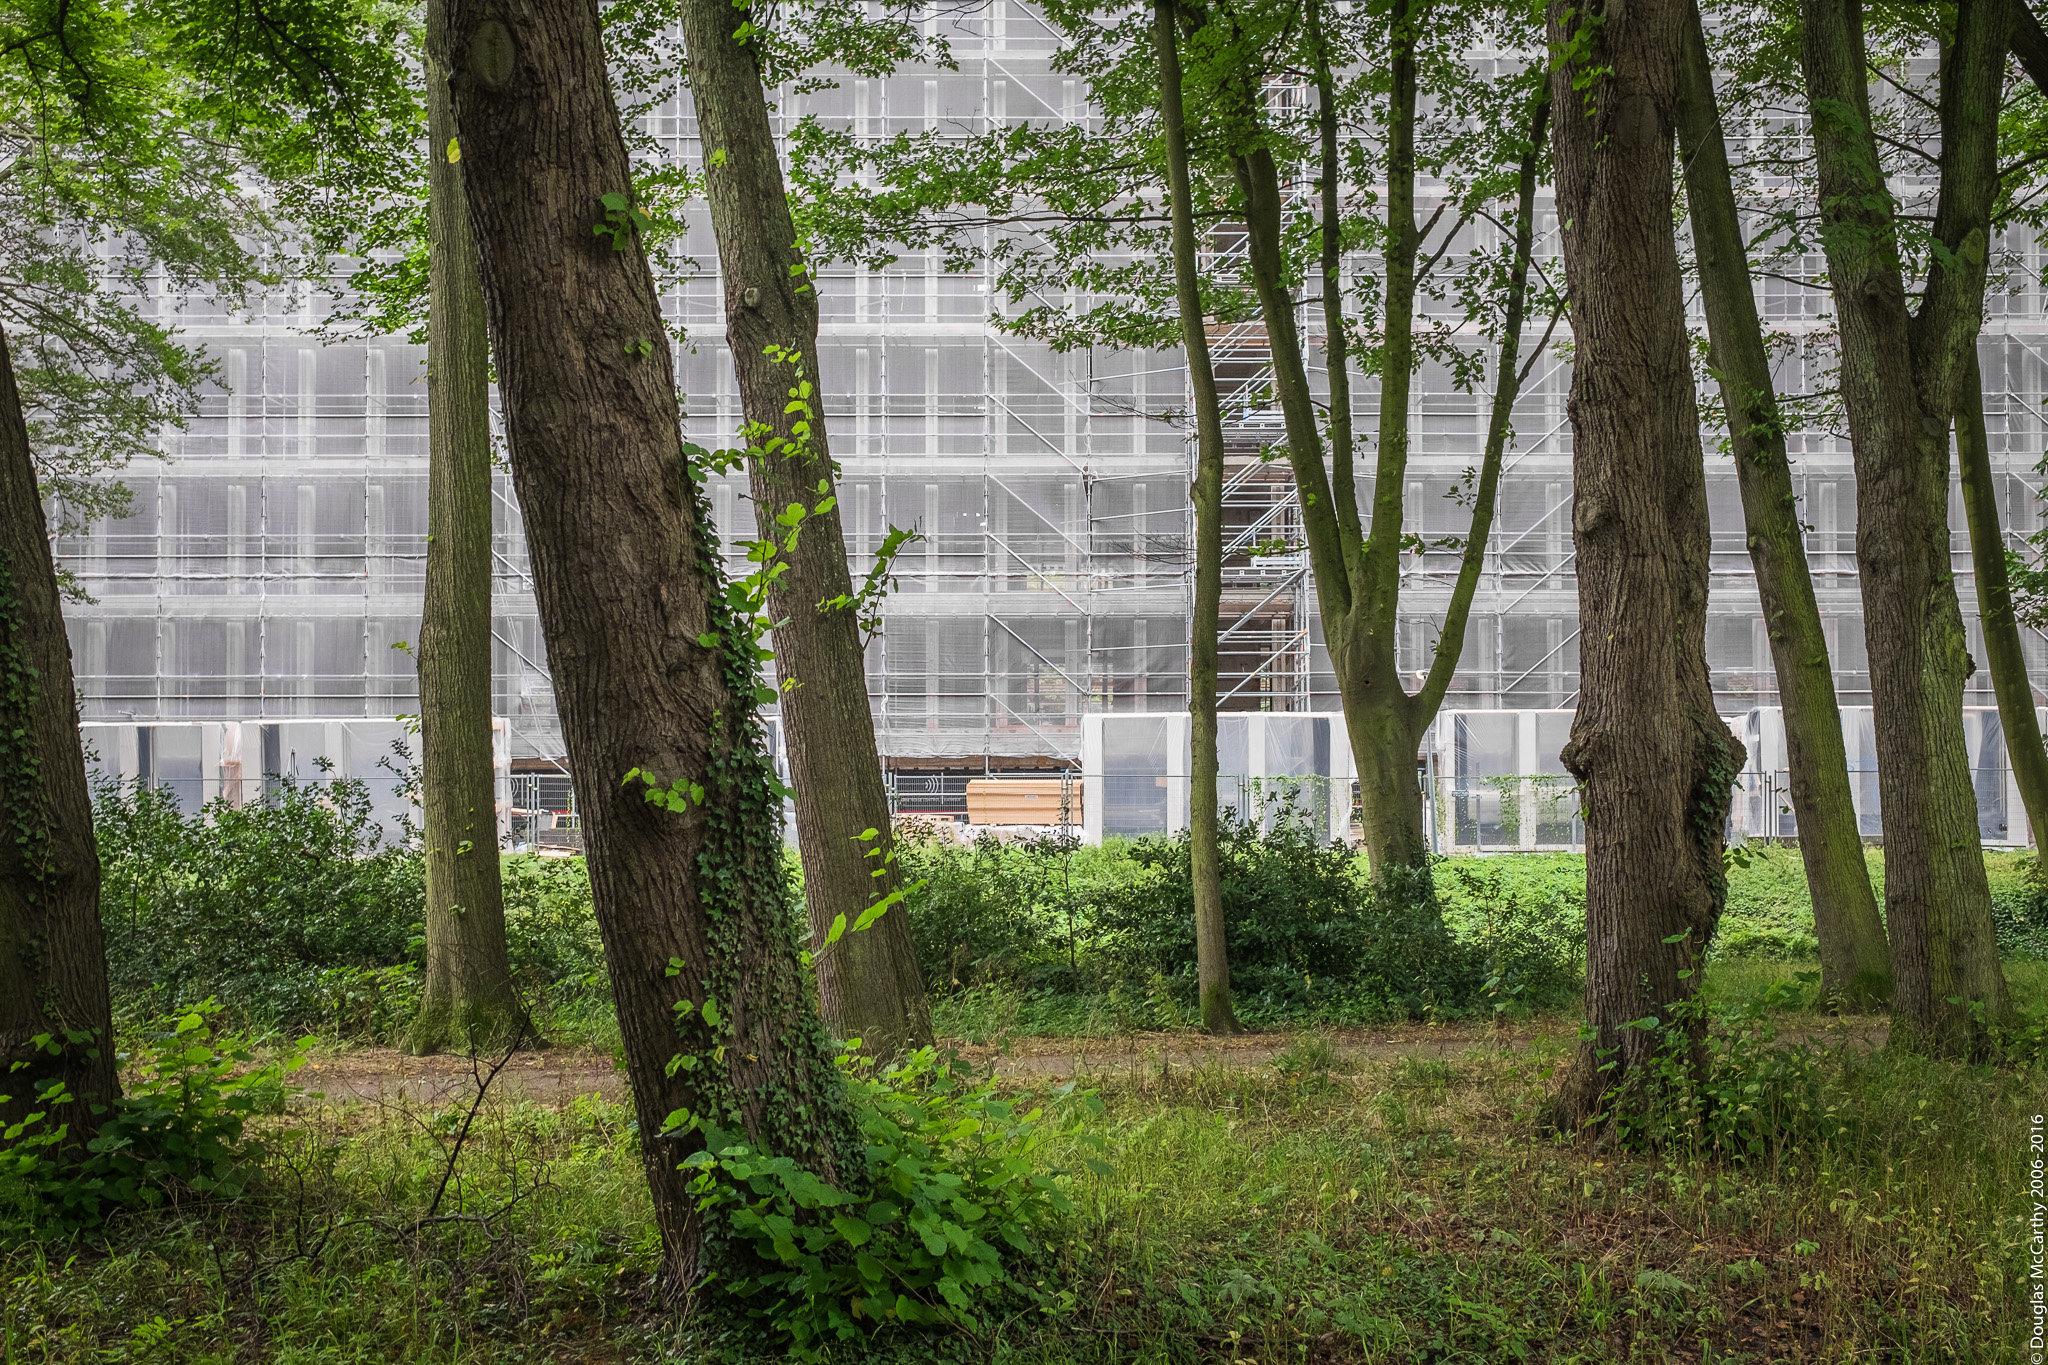 Goetlijfpad, Den Haag